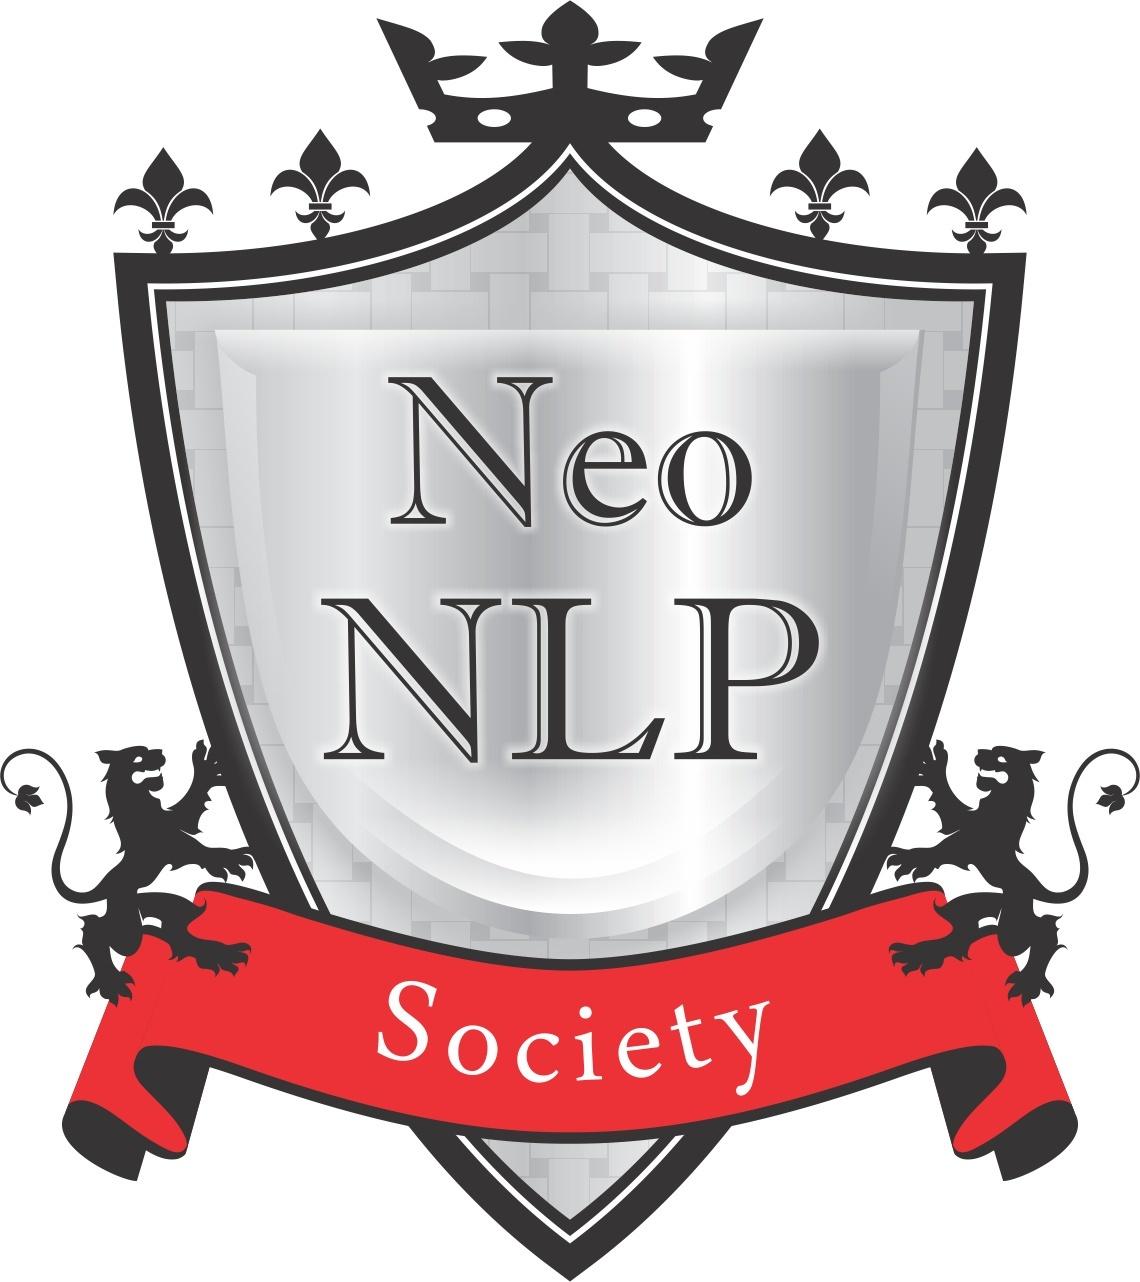 Neo Nlp